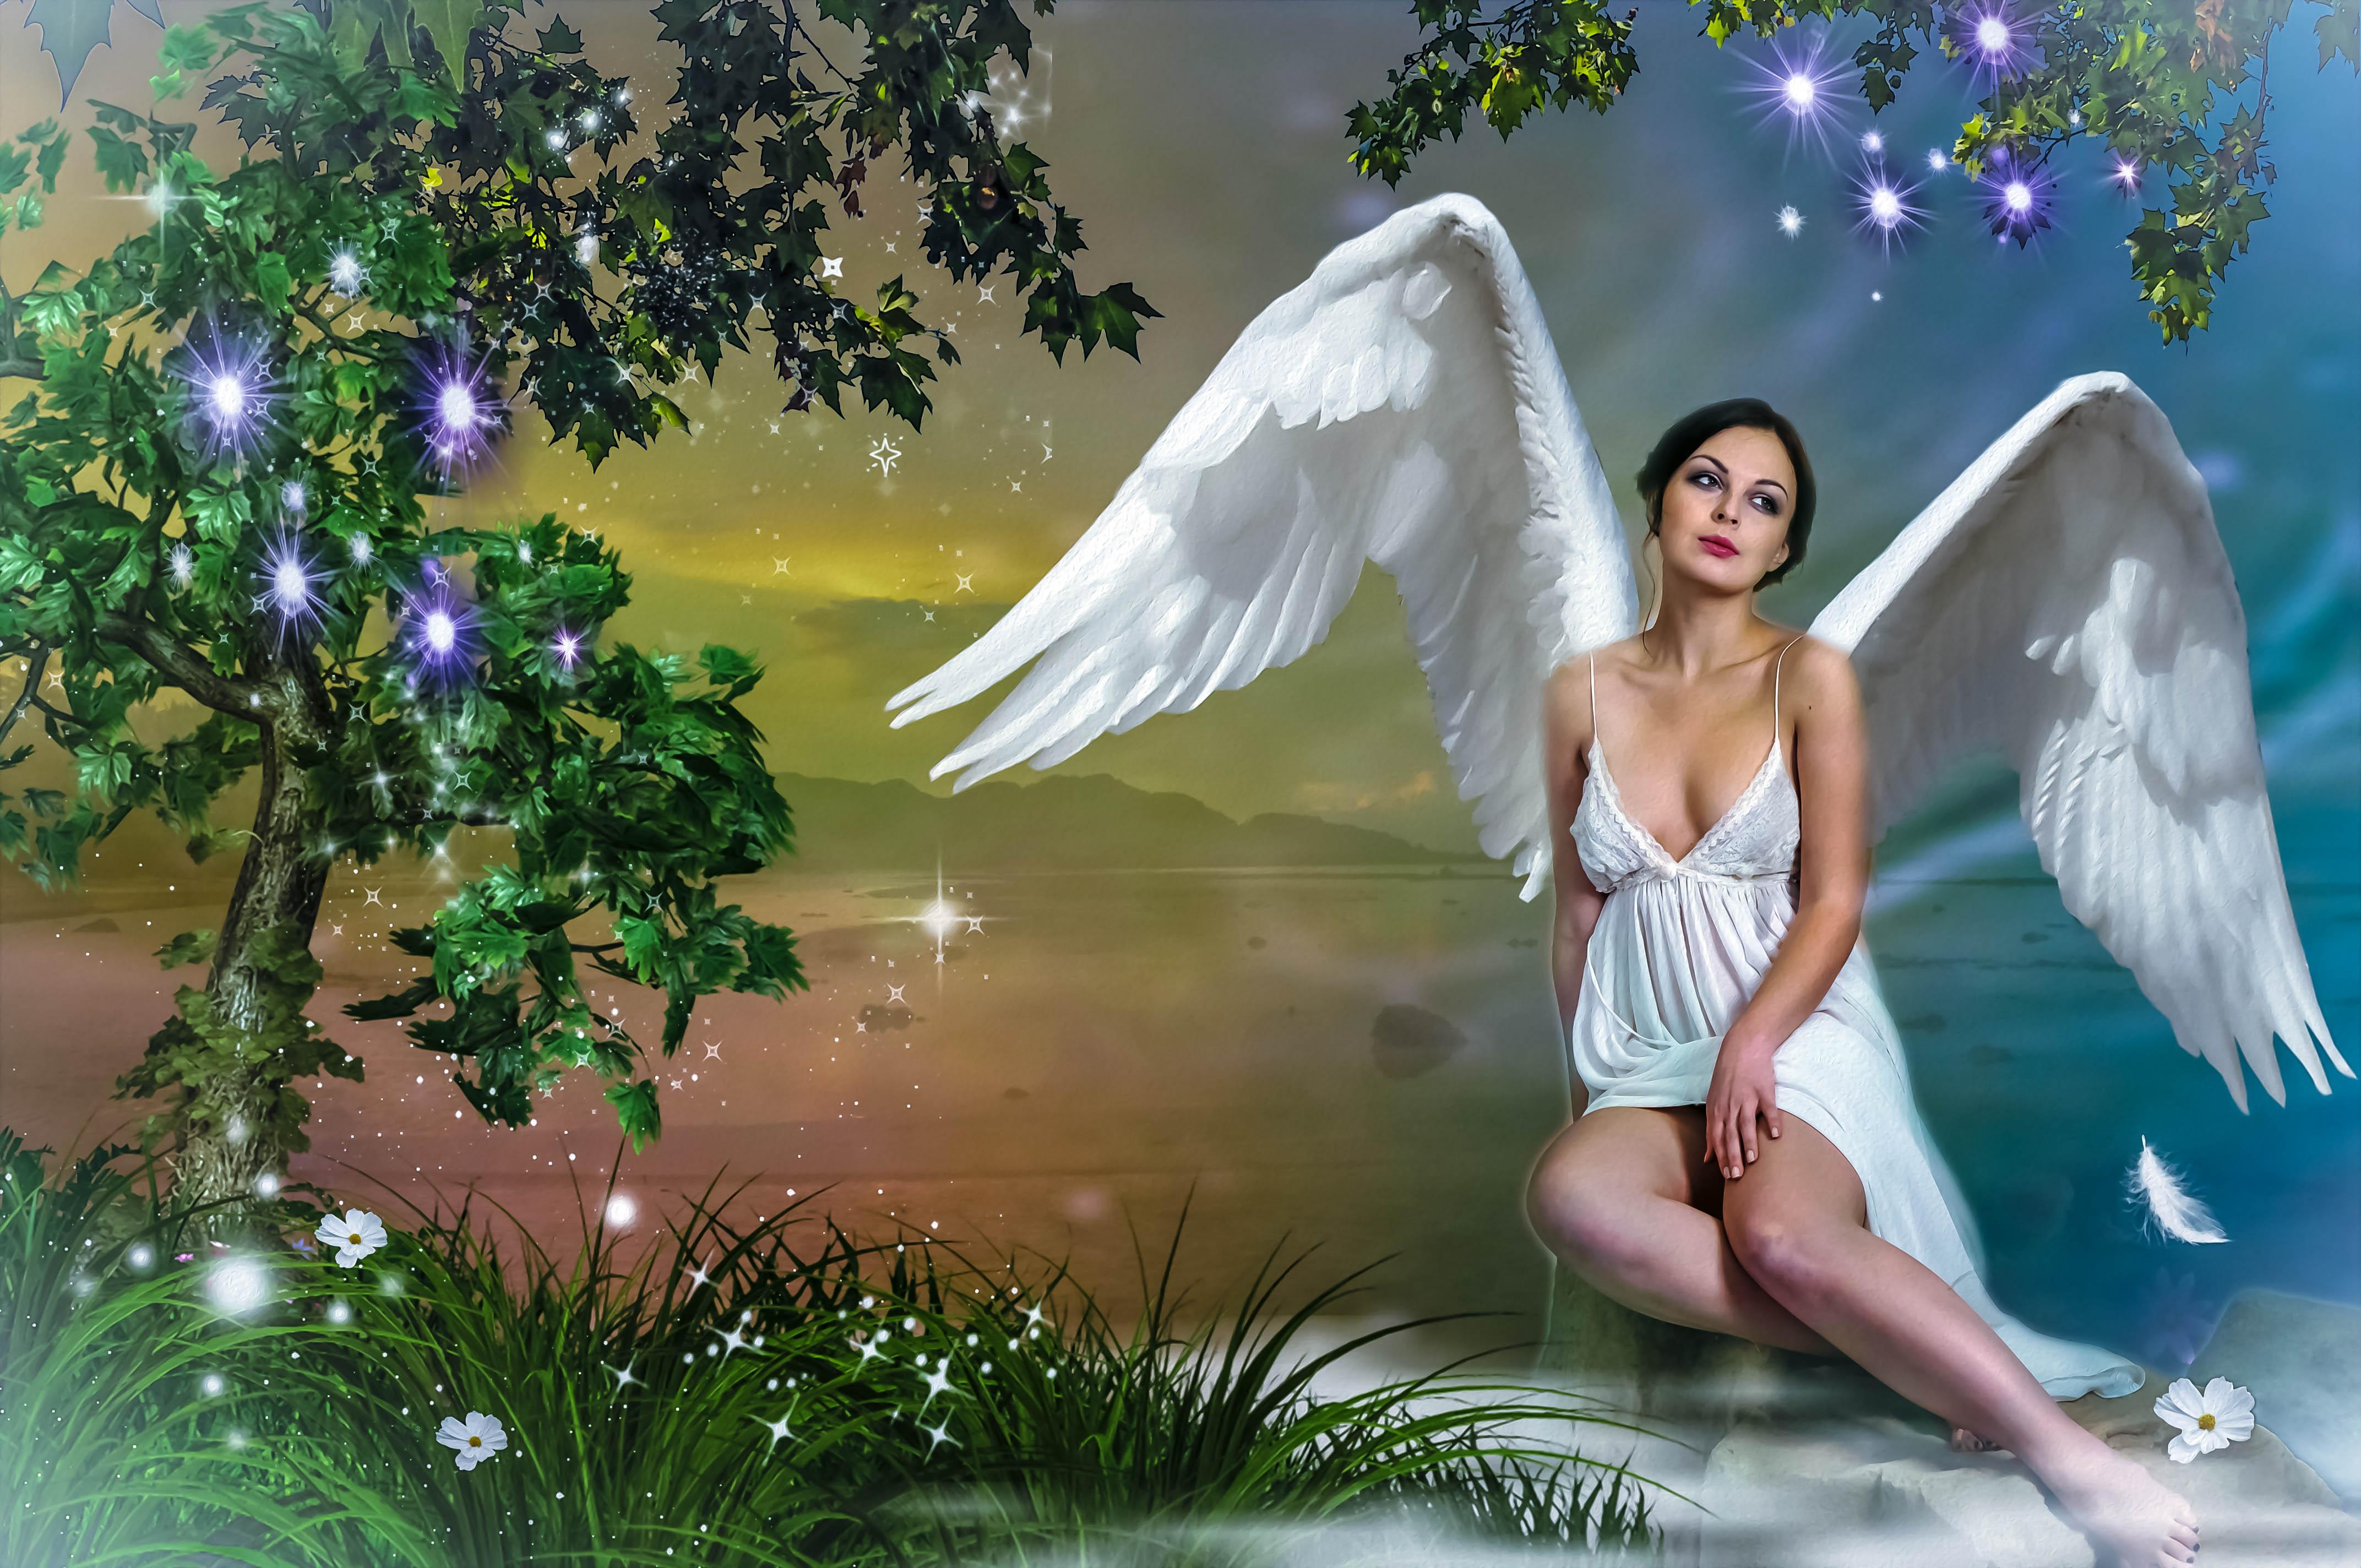 фото ангелов на телефон сравнения цен, также